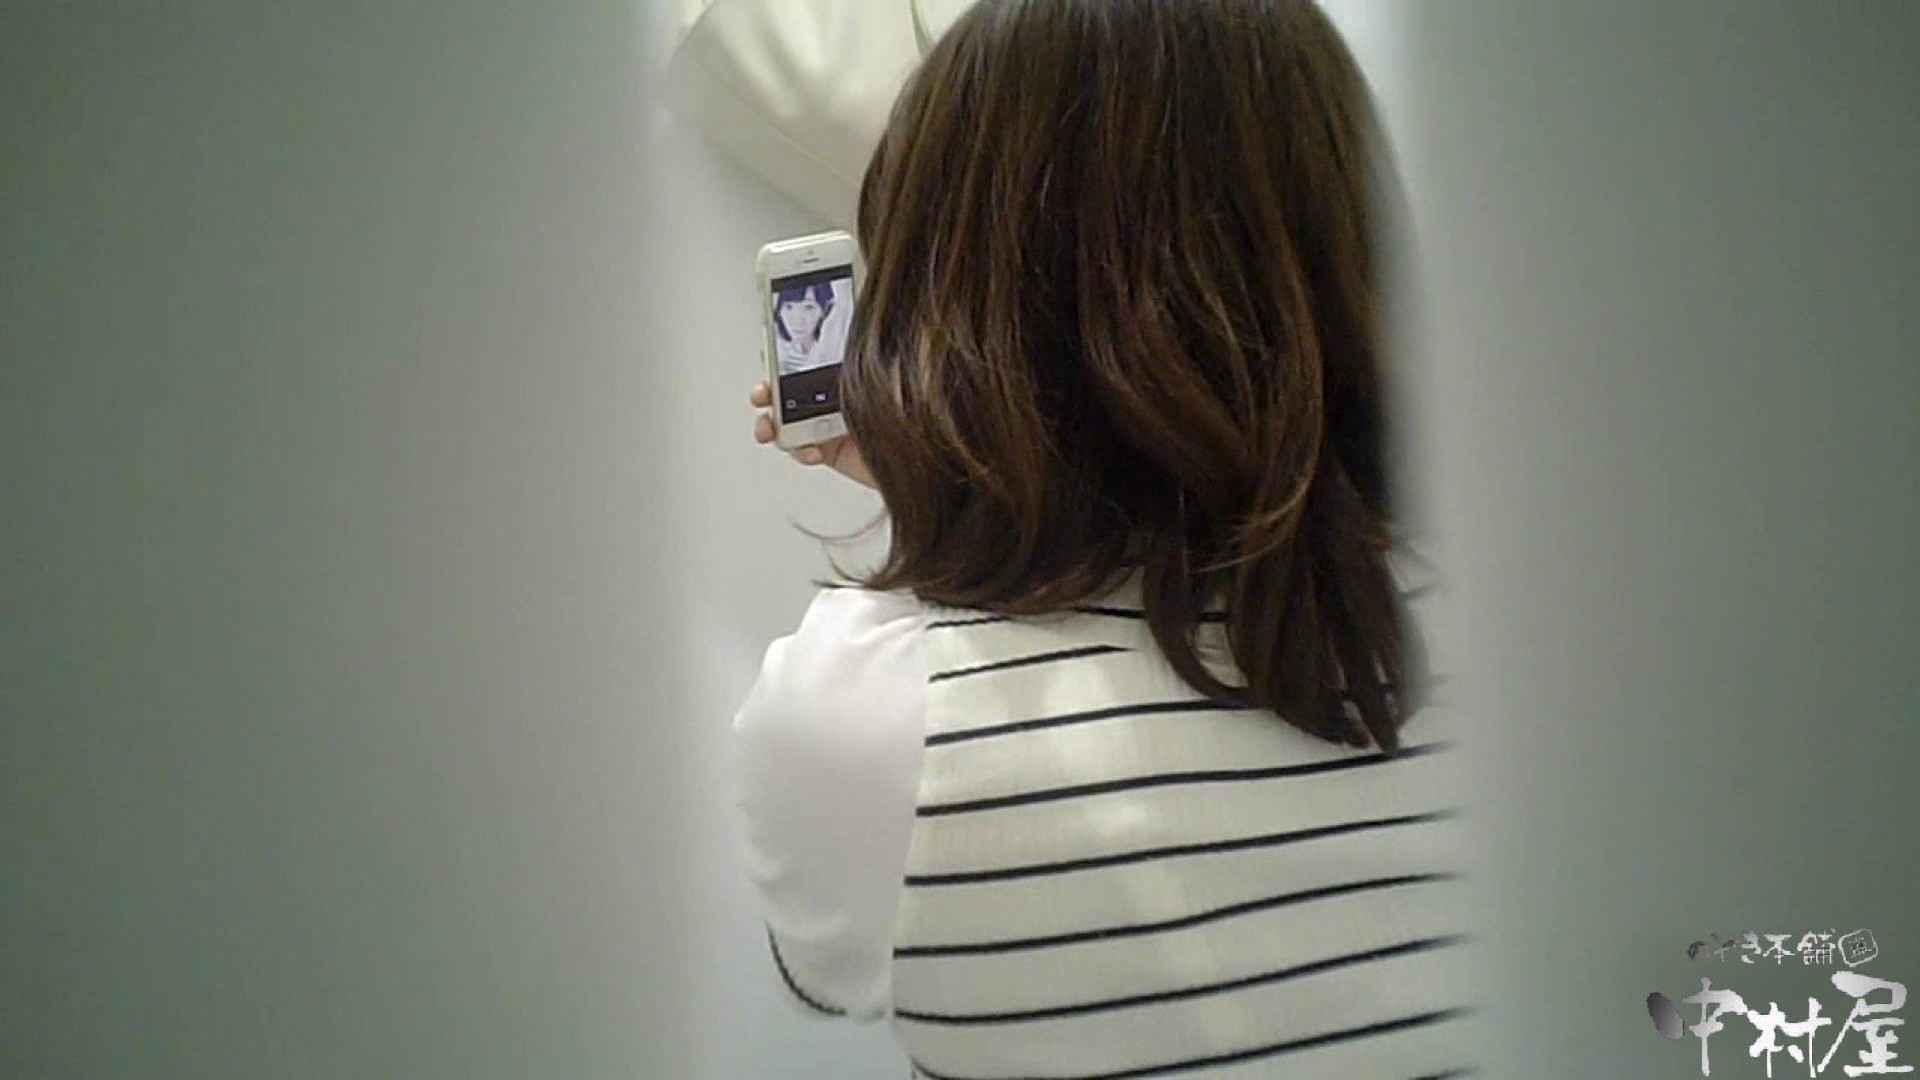 【某有名大学女性洗面所】有名大学女性洗面所 vol.37 ついでにアンダーヘアーの状態確認ですね。 潜入 | 洗面所  60連発 11